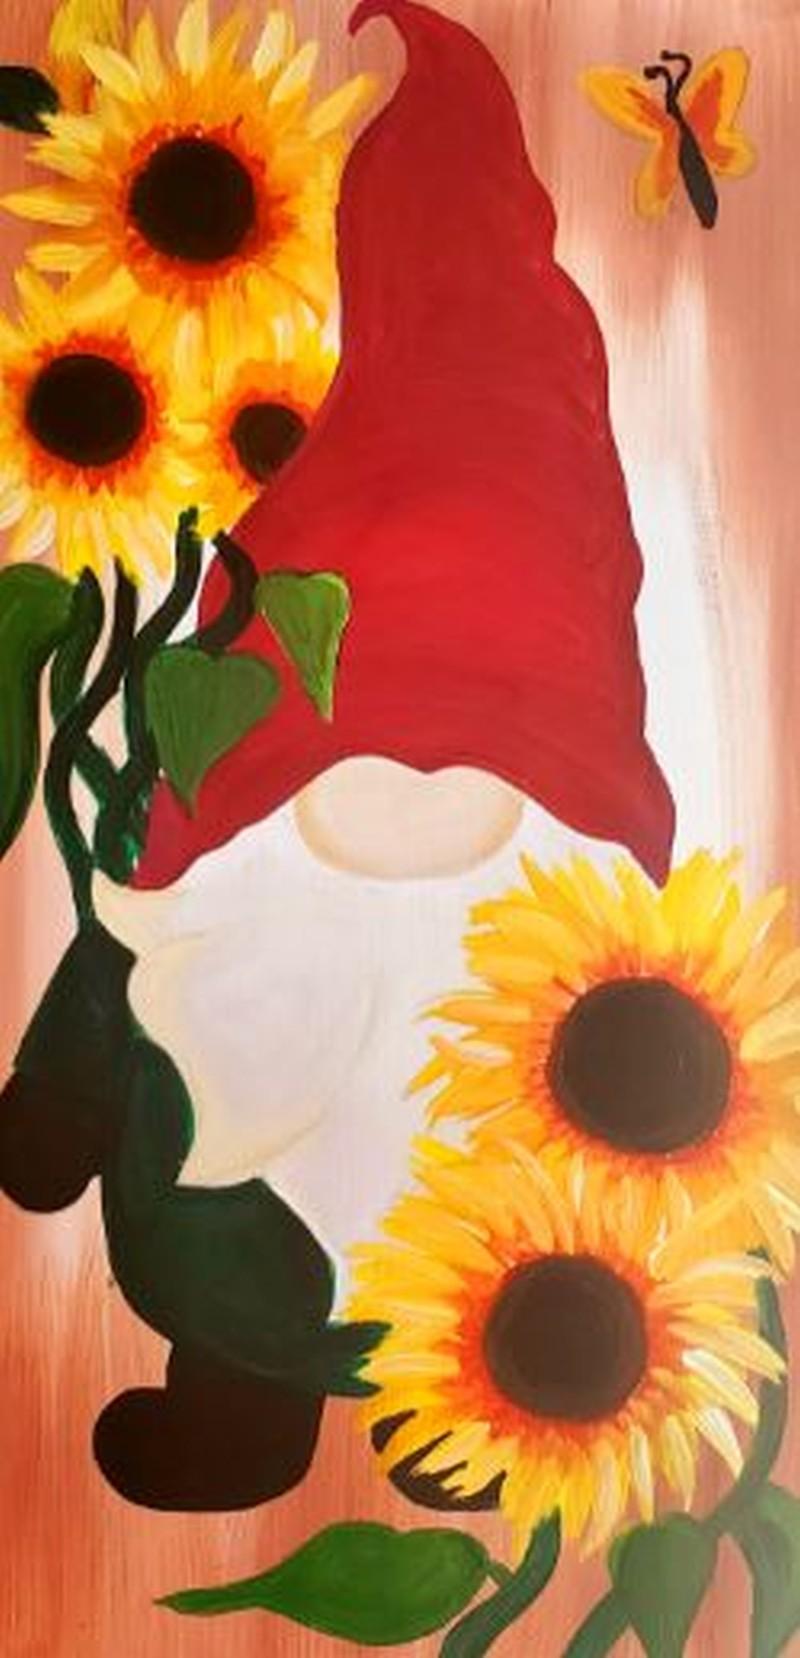 Sunflower Gnome - In Studio or Virtual